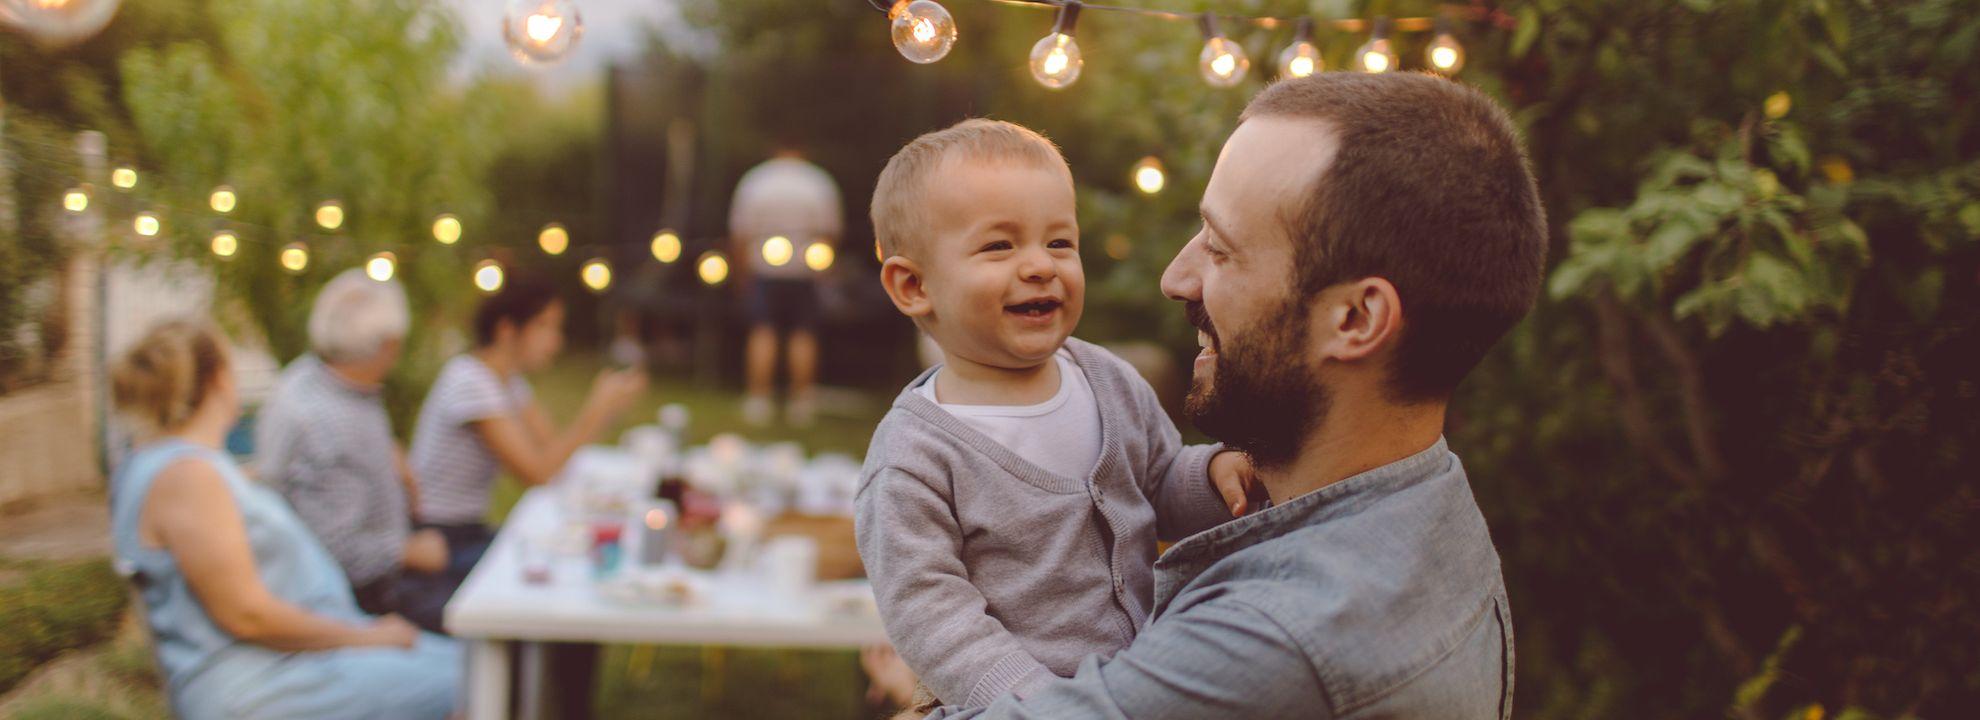 Bilde av far og sønn i en hage.